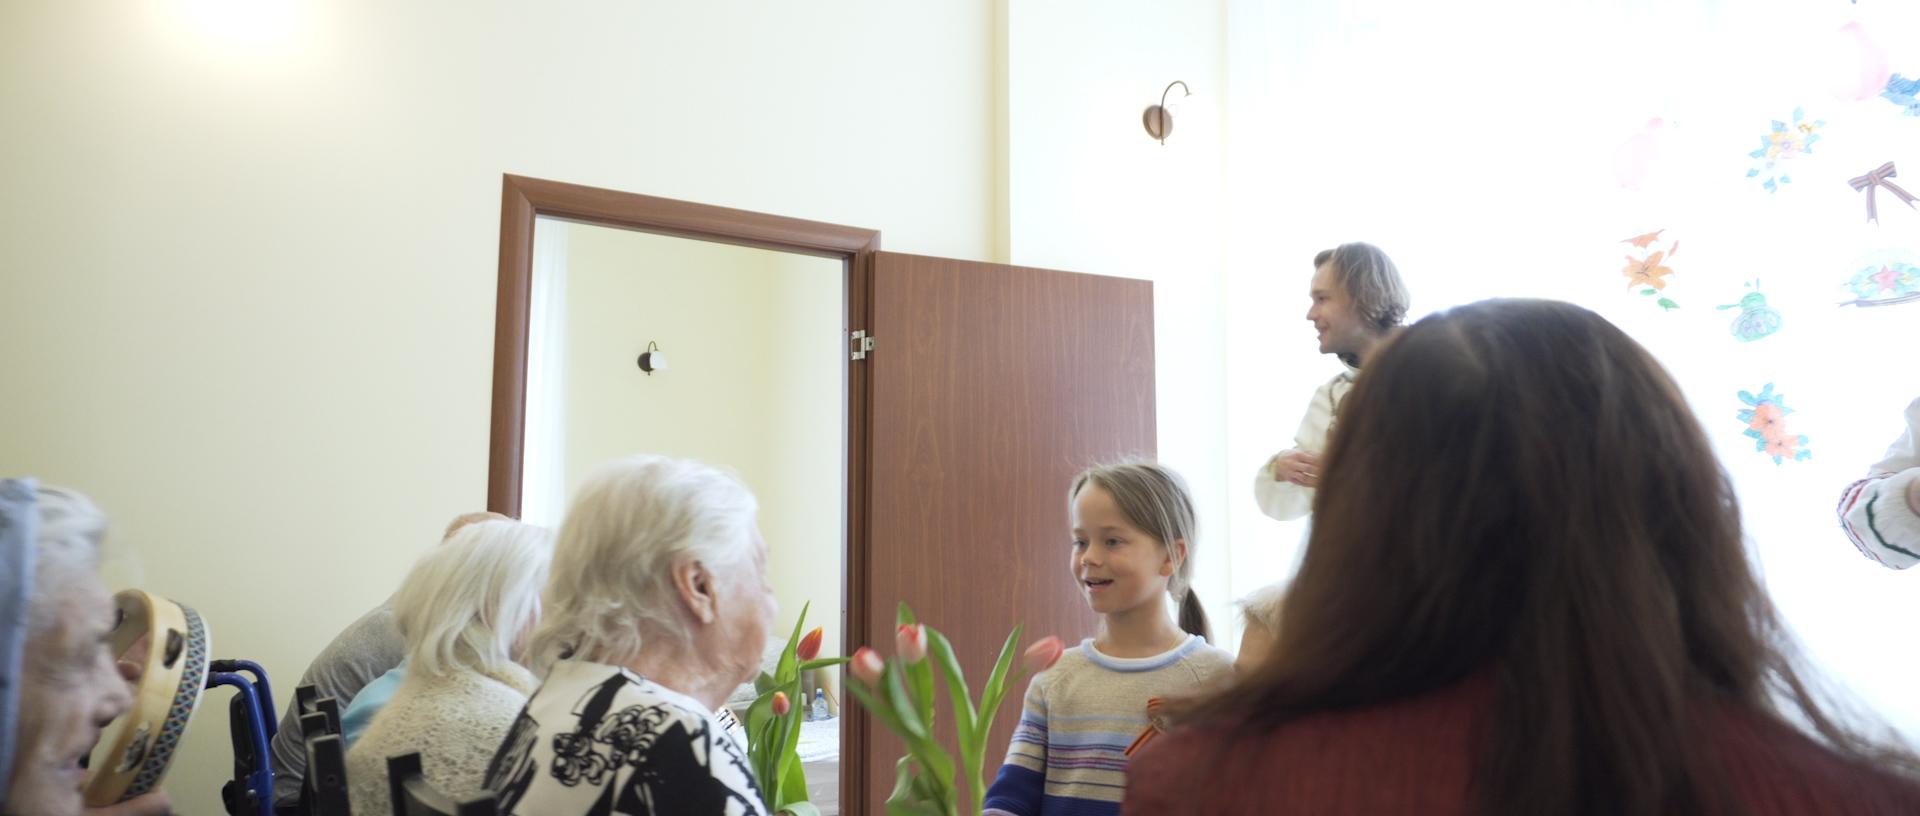 дом для инвалидов и престарелых верхняя пышма